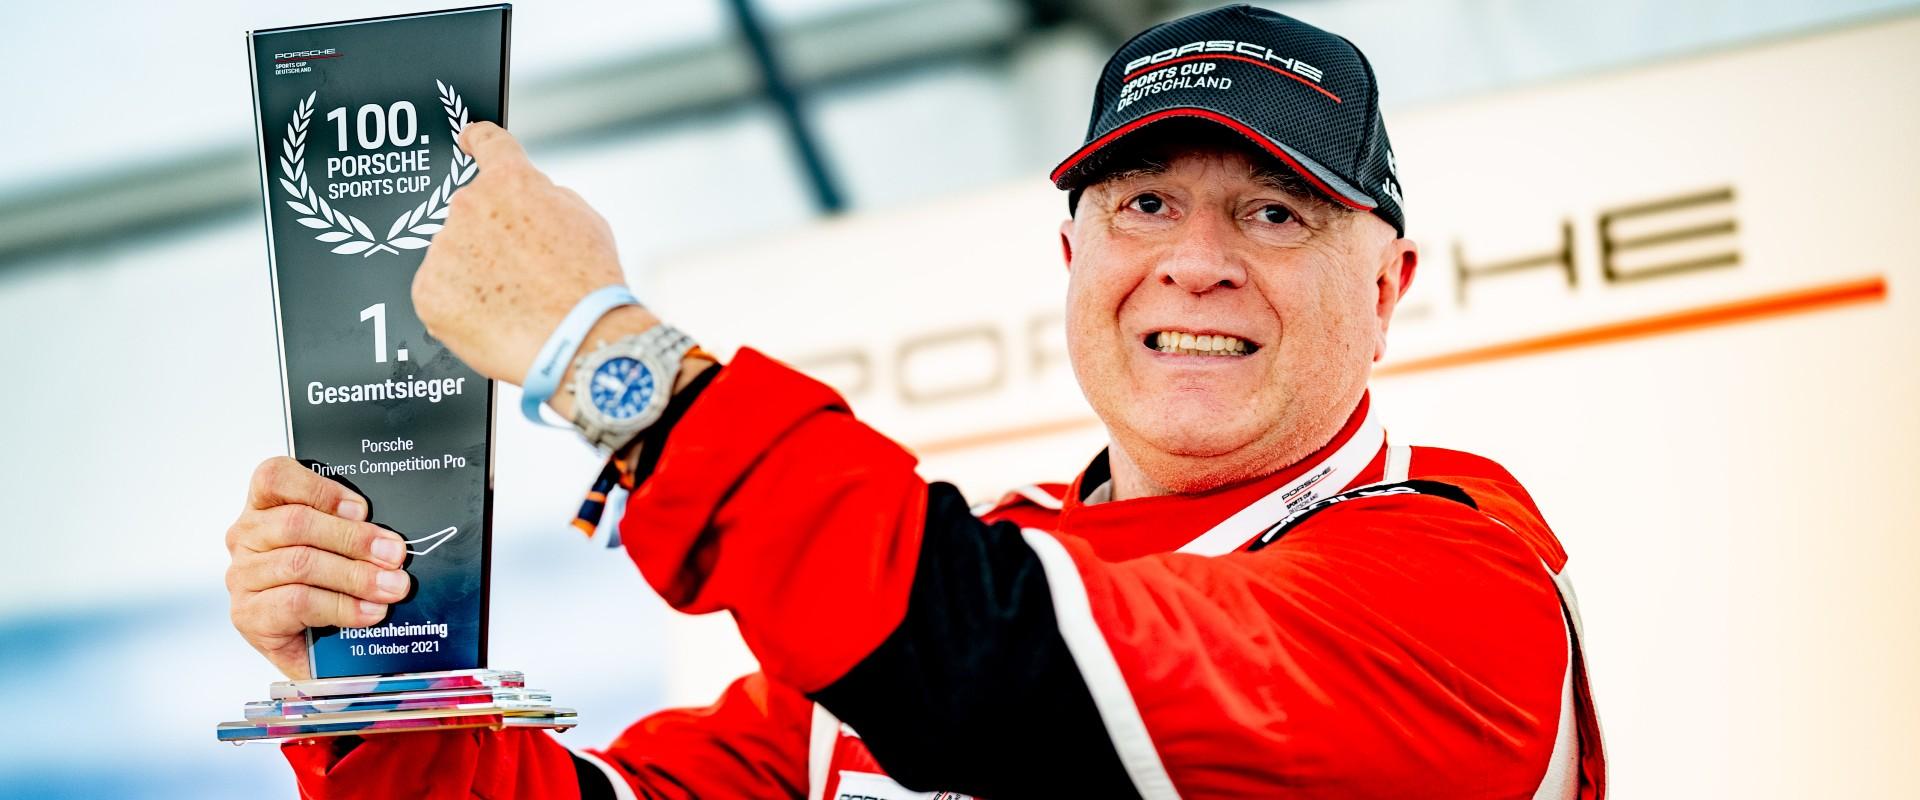 Finále zříše snů: Šmarda oslavil jubilejní závod Porsche Sports Cup vítězstvím a pojistil si celkové podium